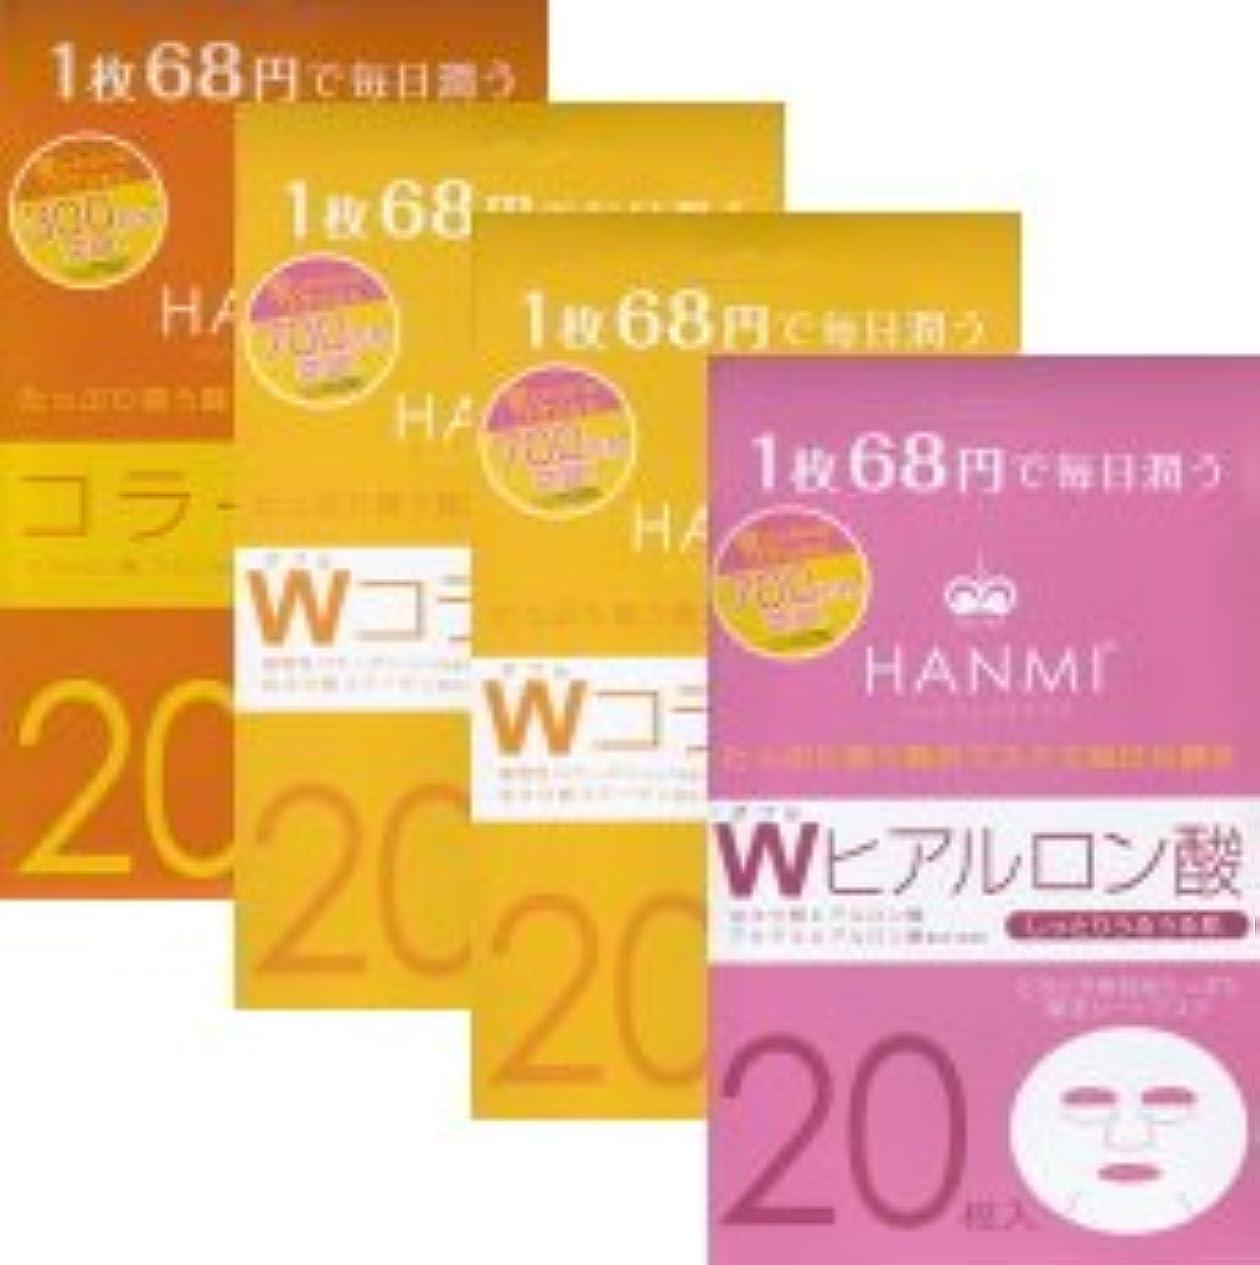 成功推進のためMIGAKI ハンミフェイスマスク(20枚入り)「コラーゲン×1個」「Wコラーゲン×2個」「Wヒアルロン酸×1個」の4個セット